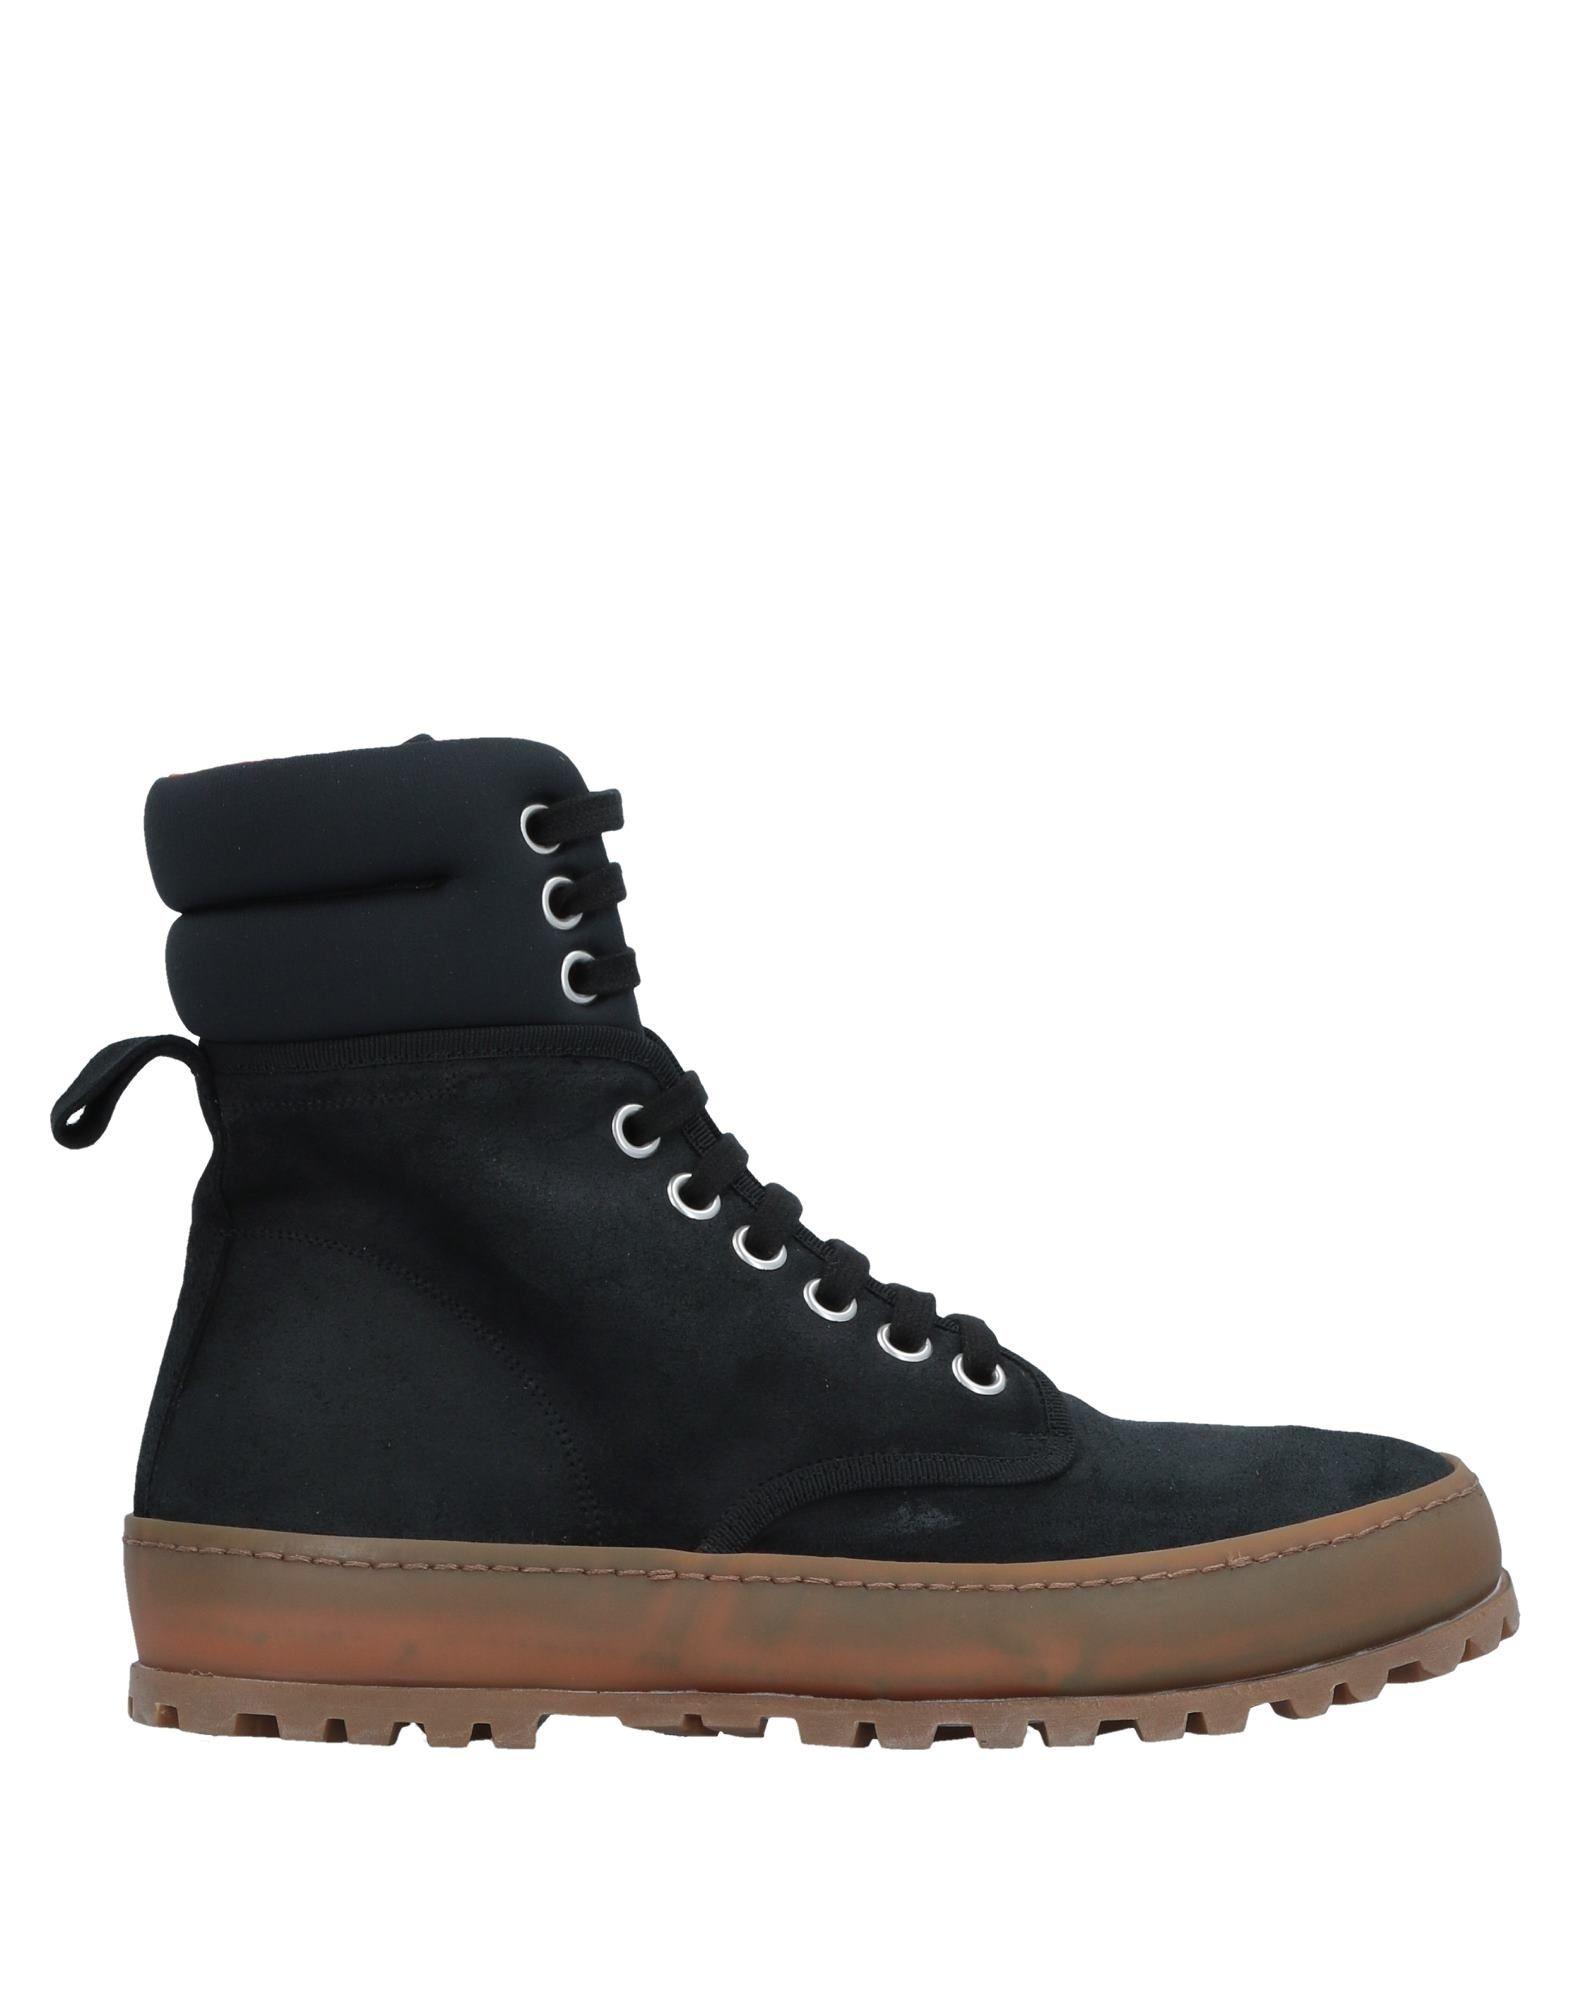 Premiata Stiefelette Herren  11530911JX Heiße Schuhe